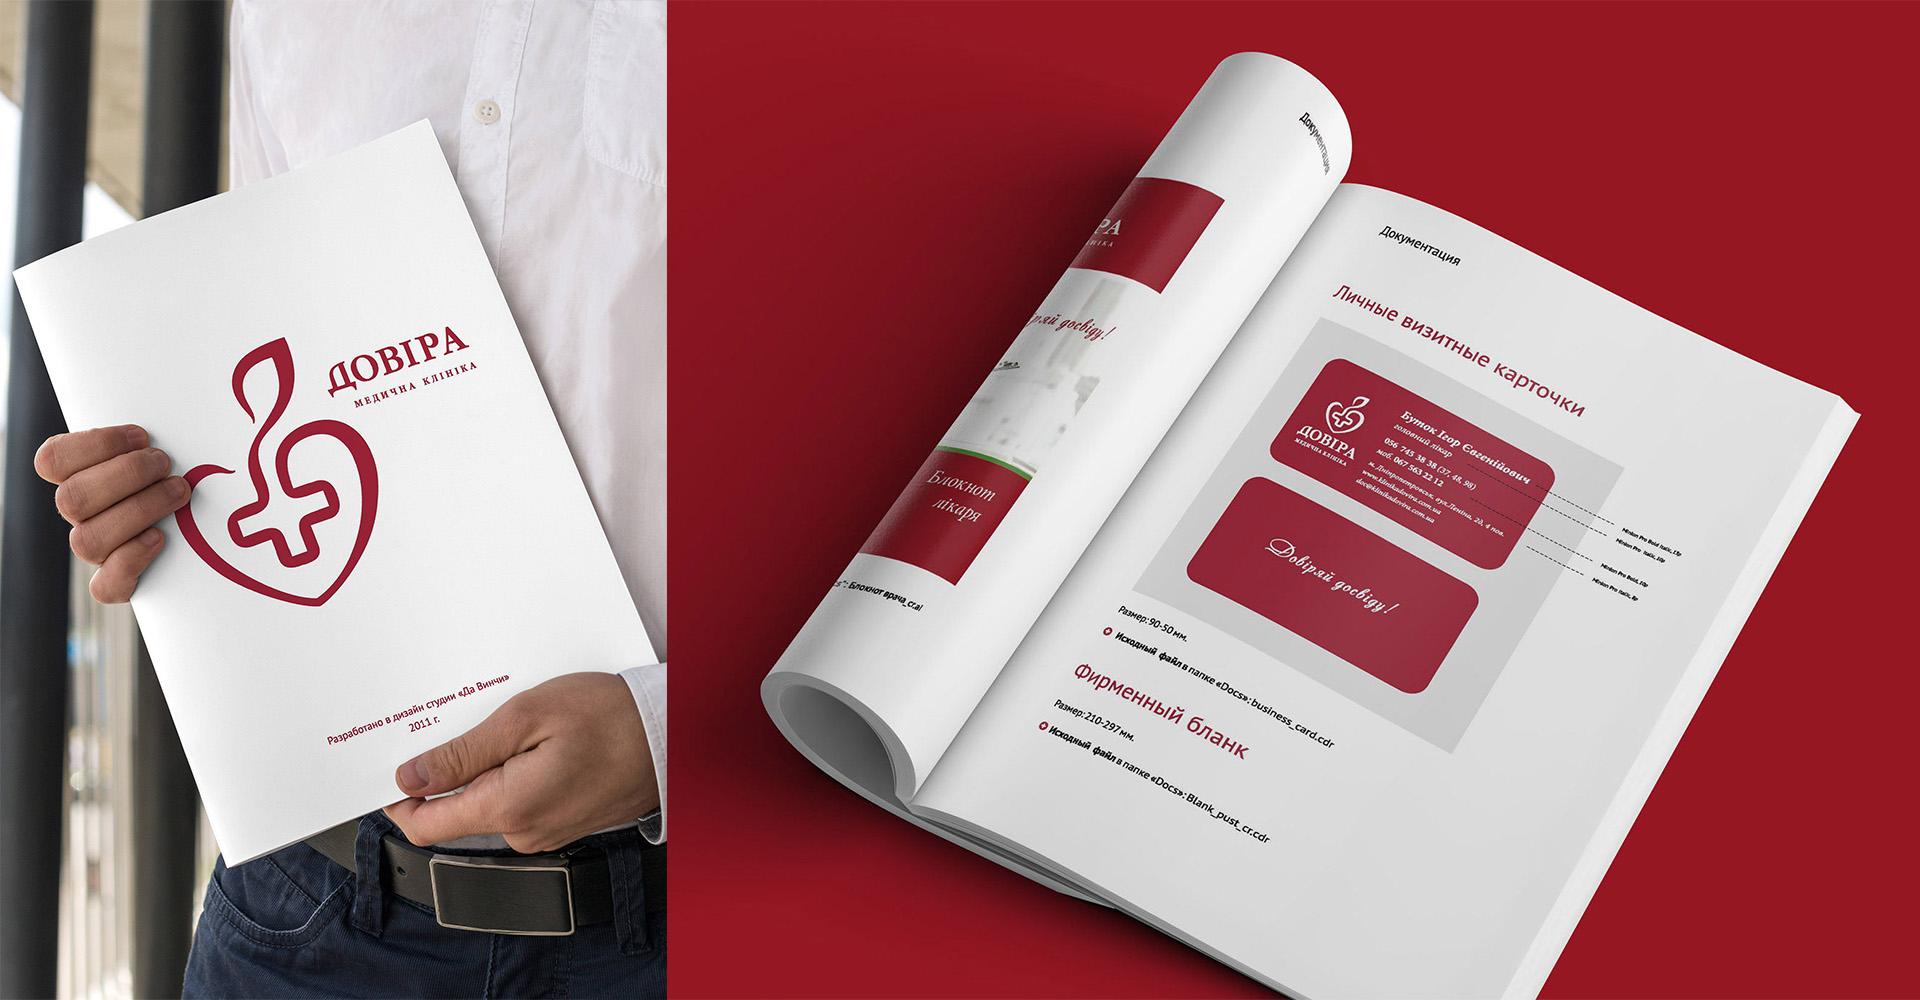 Дизайн брендбука медицинской клиники, Medical clinic brandbook design